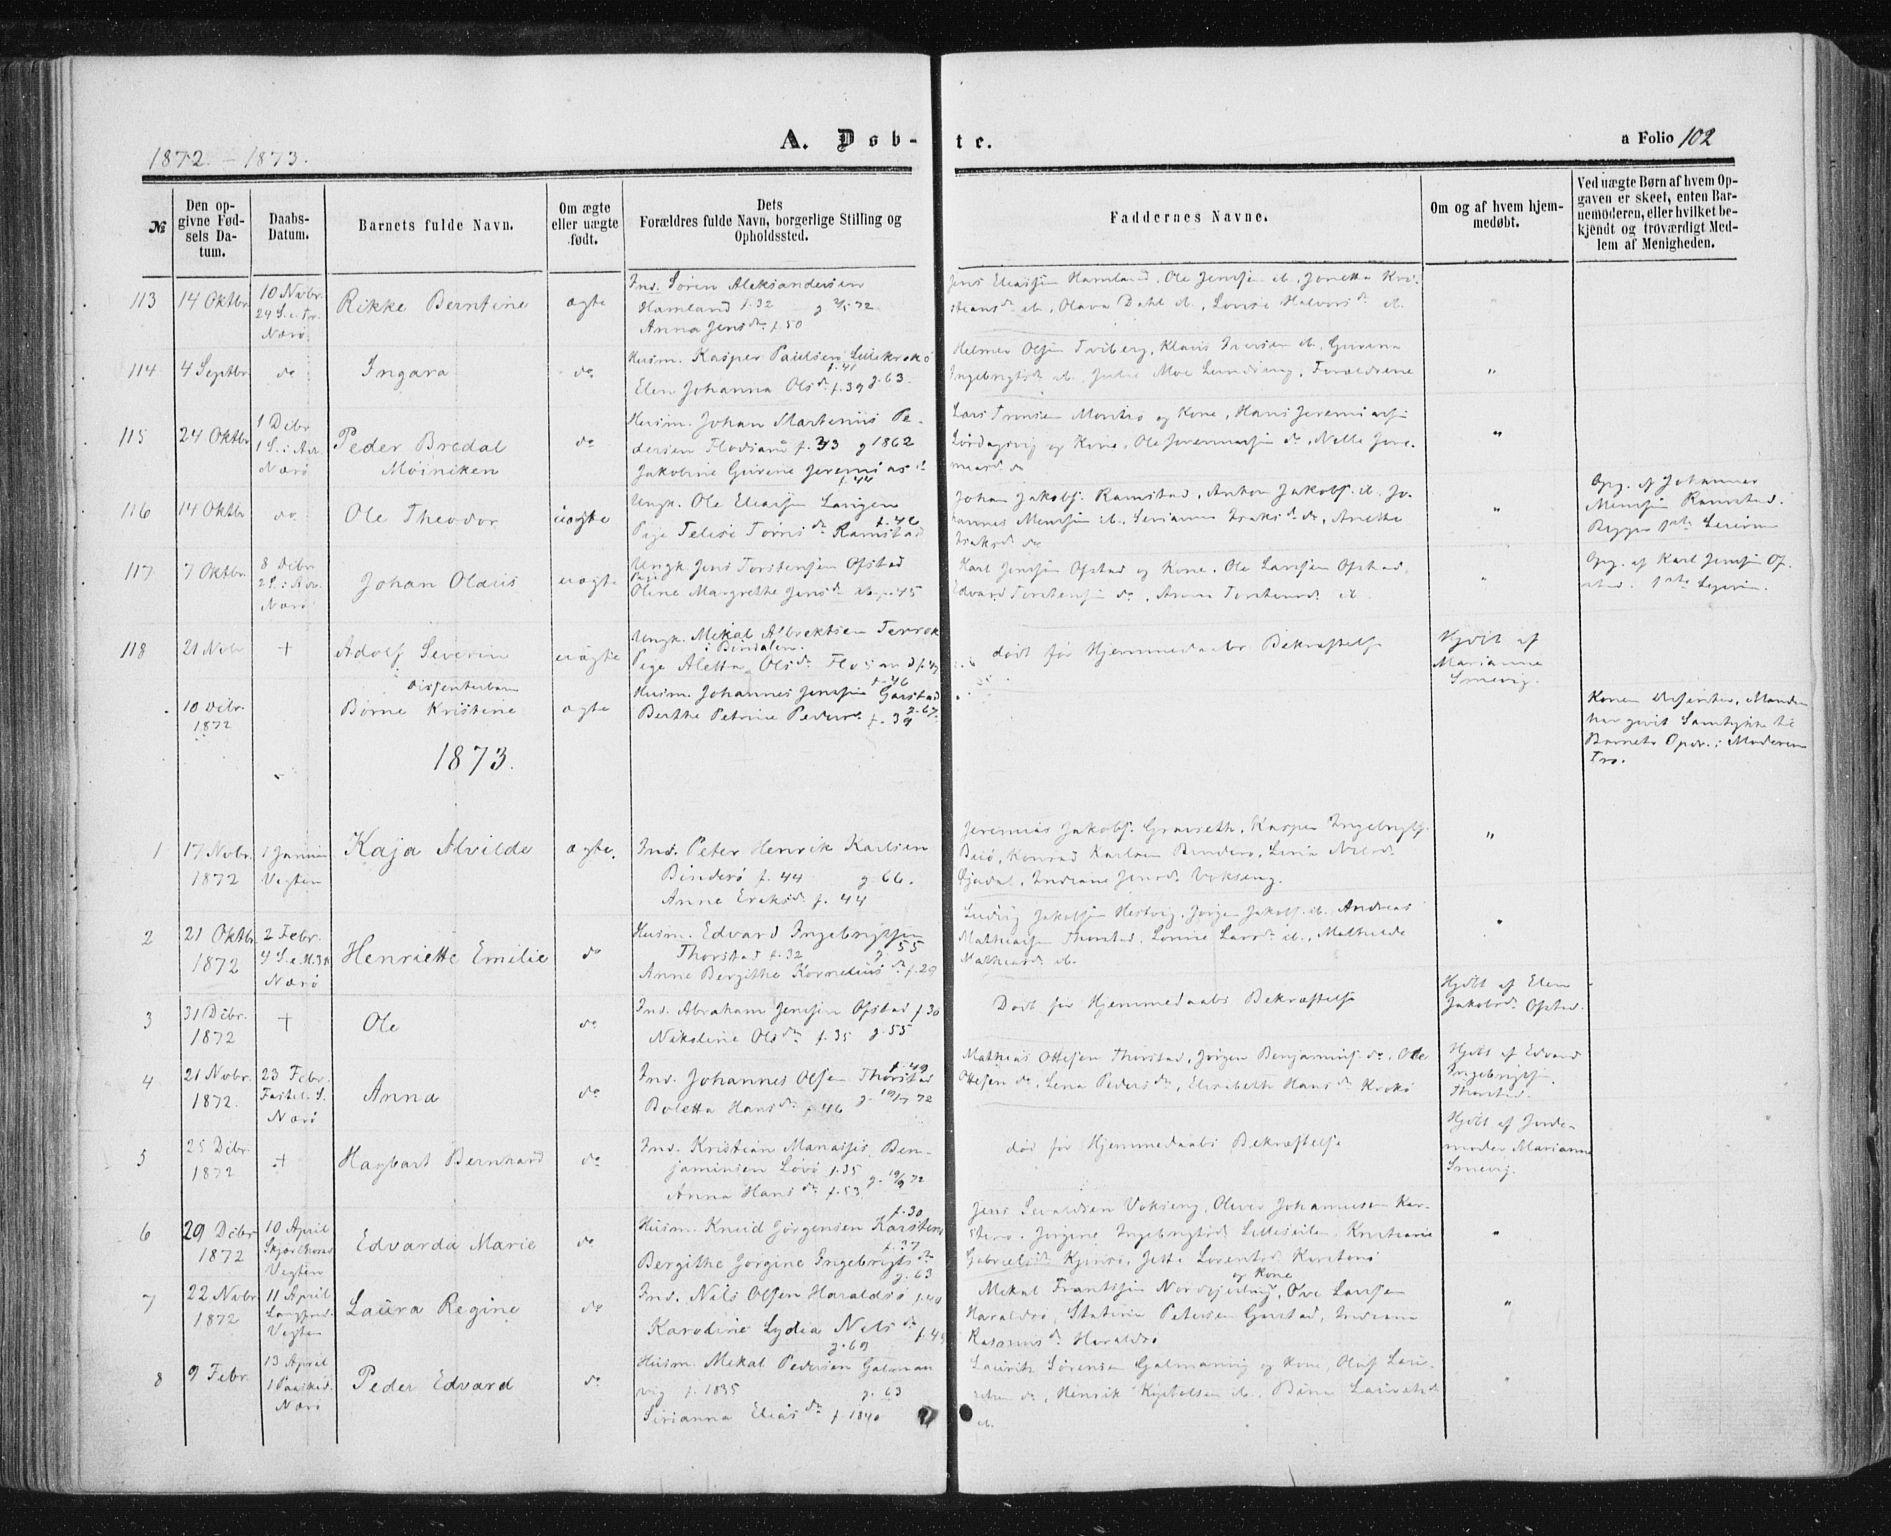 SAT, Ministerialprotokoller, klokkerbøker og fødselsregistre - Nord-Trøndelag, 784/L0670: Ministerialbok nr. 784A05, 1860-1876, s. 102